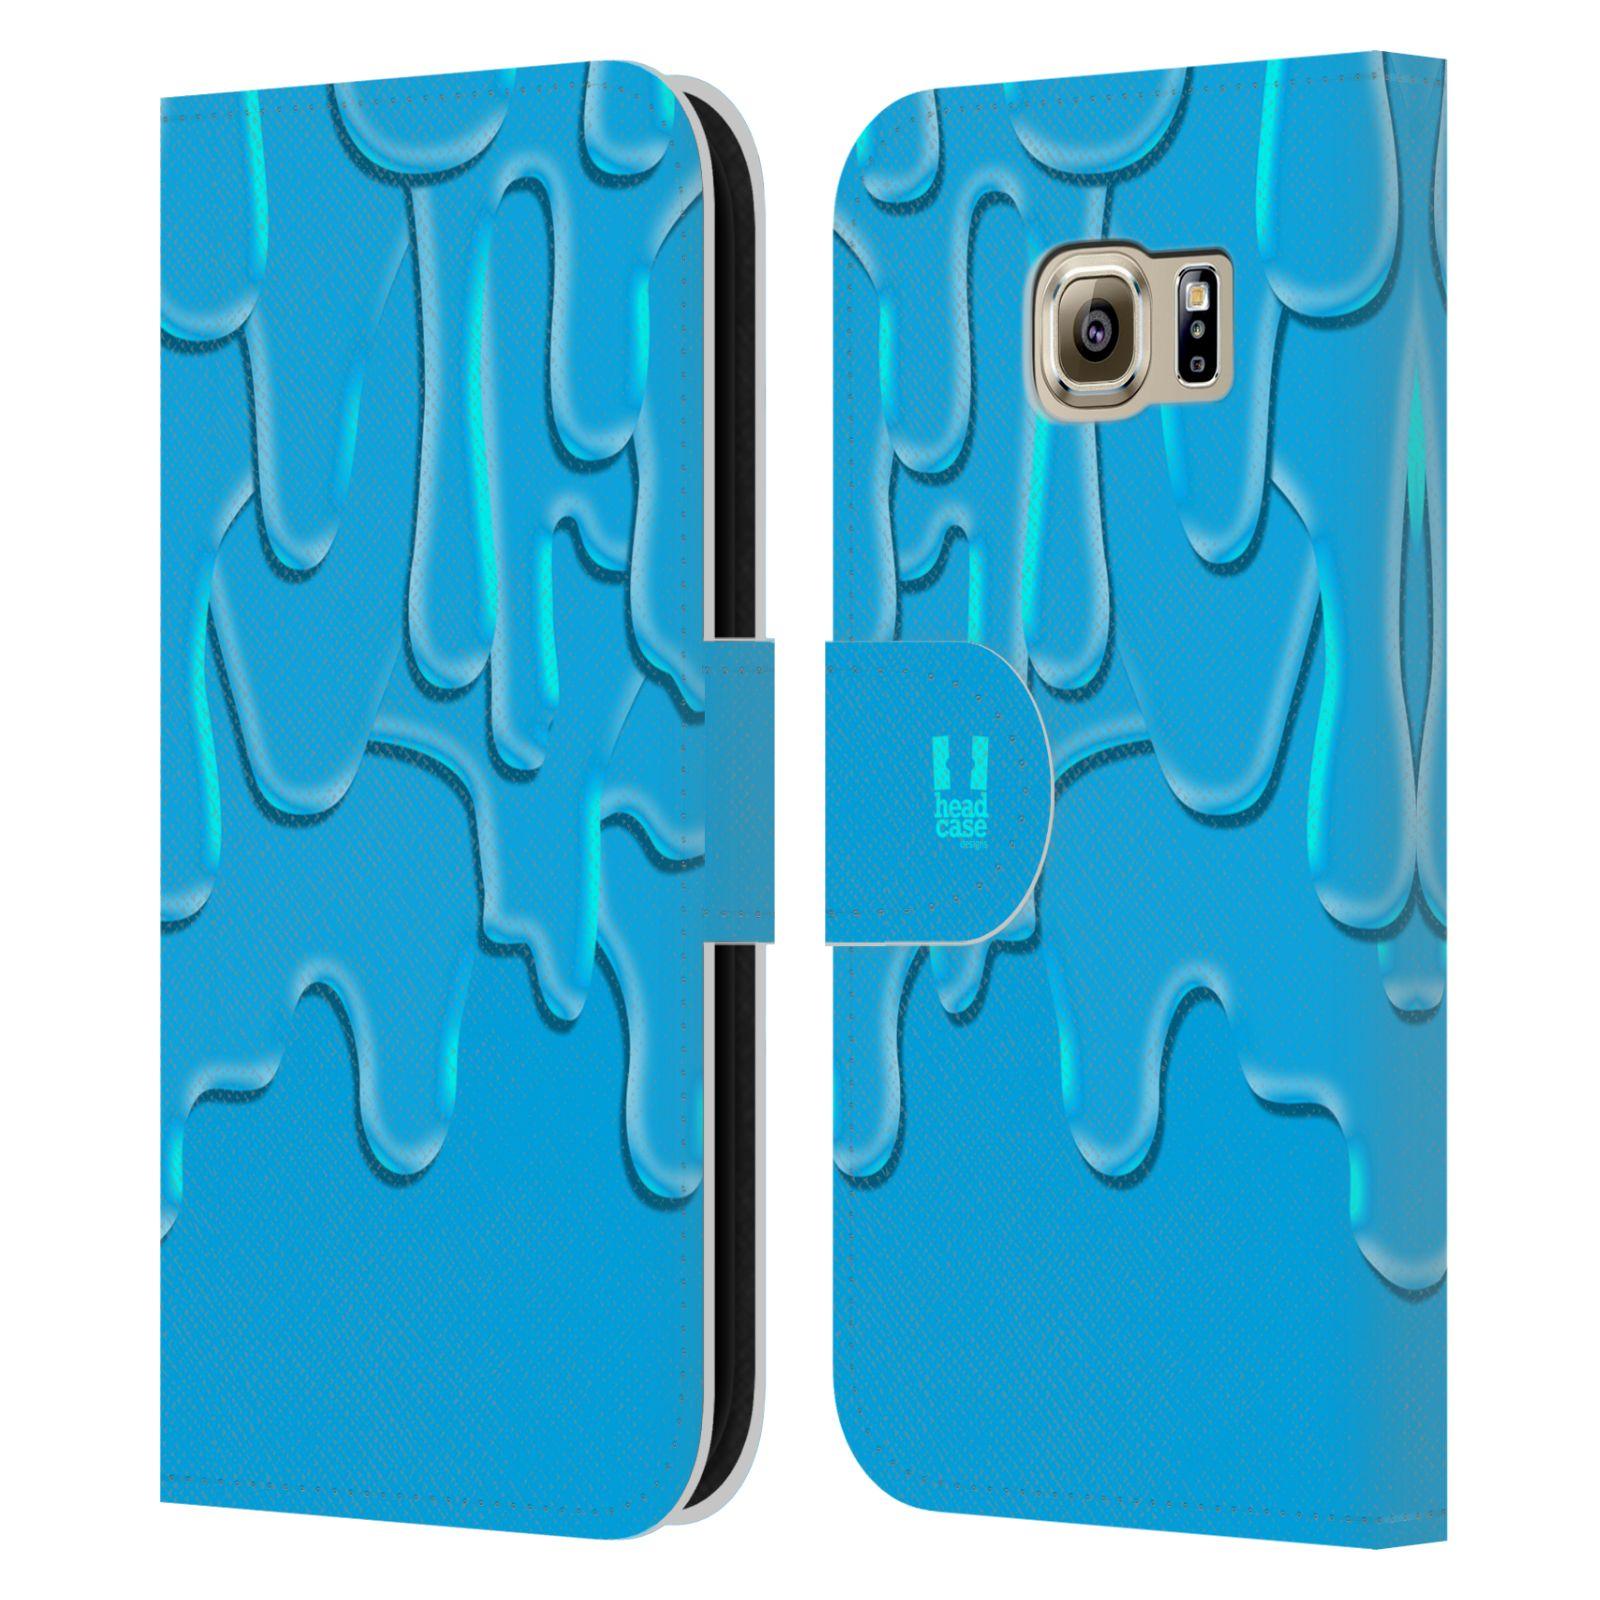 HEAD CASE Flipové pouzdro pro mobil Samsung Galaxy S6 (G9200) ZÁPLAVA BARVA tyrkysová modrá